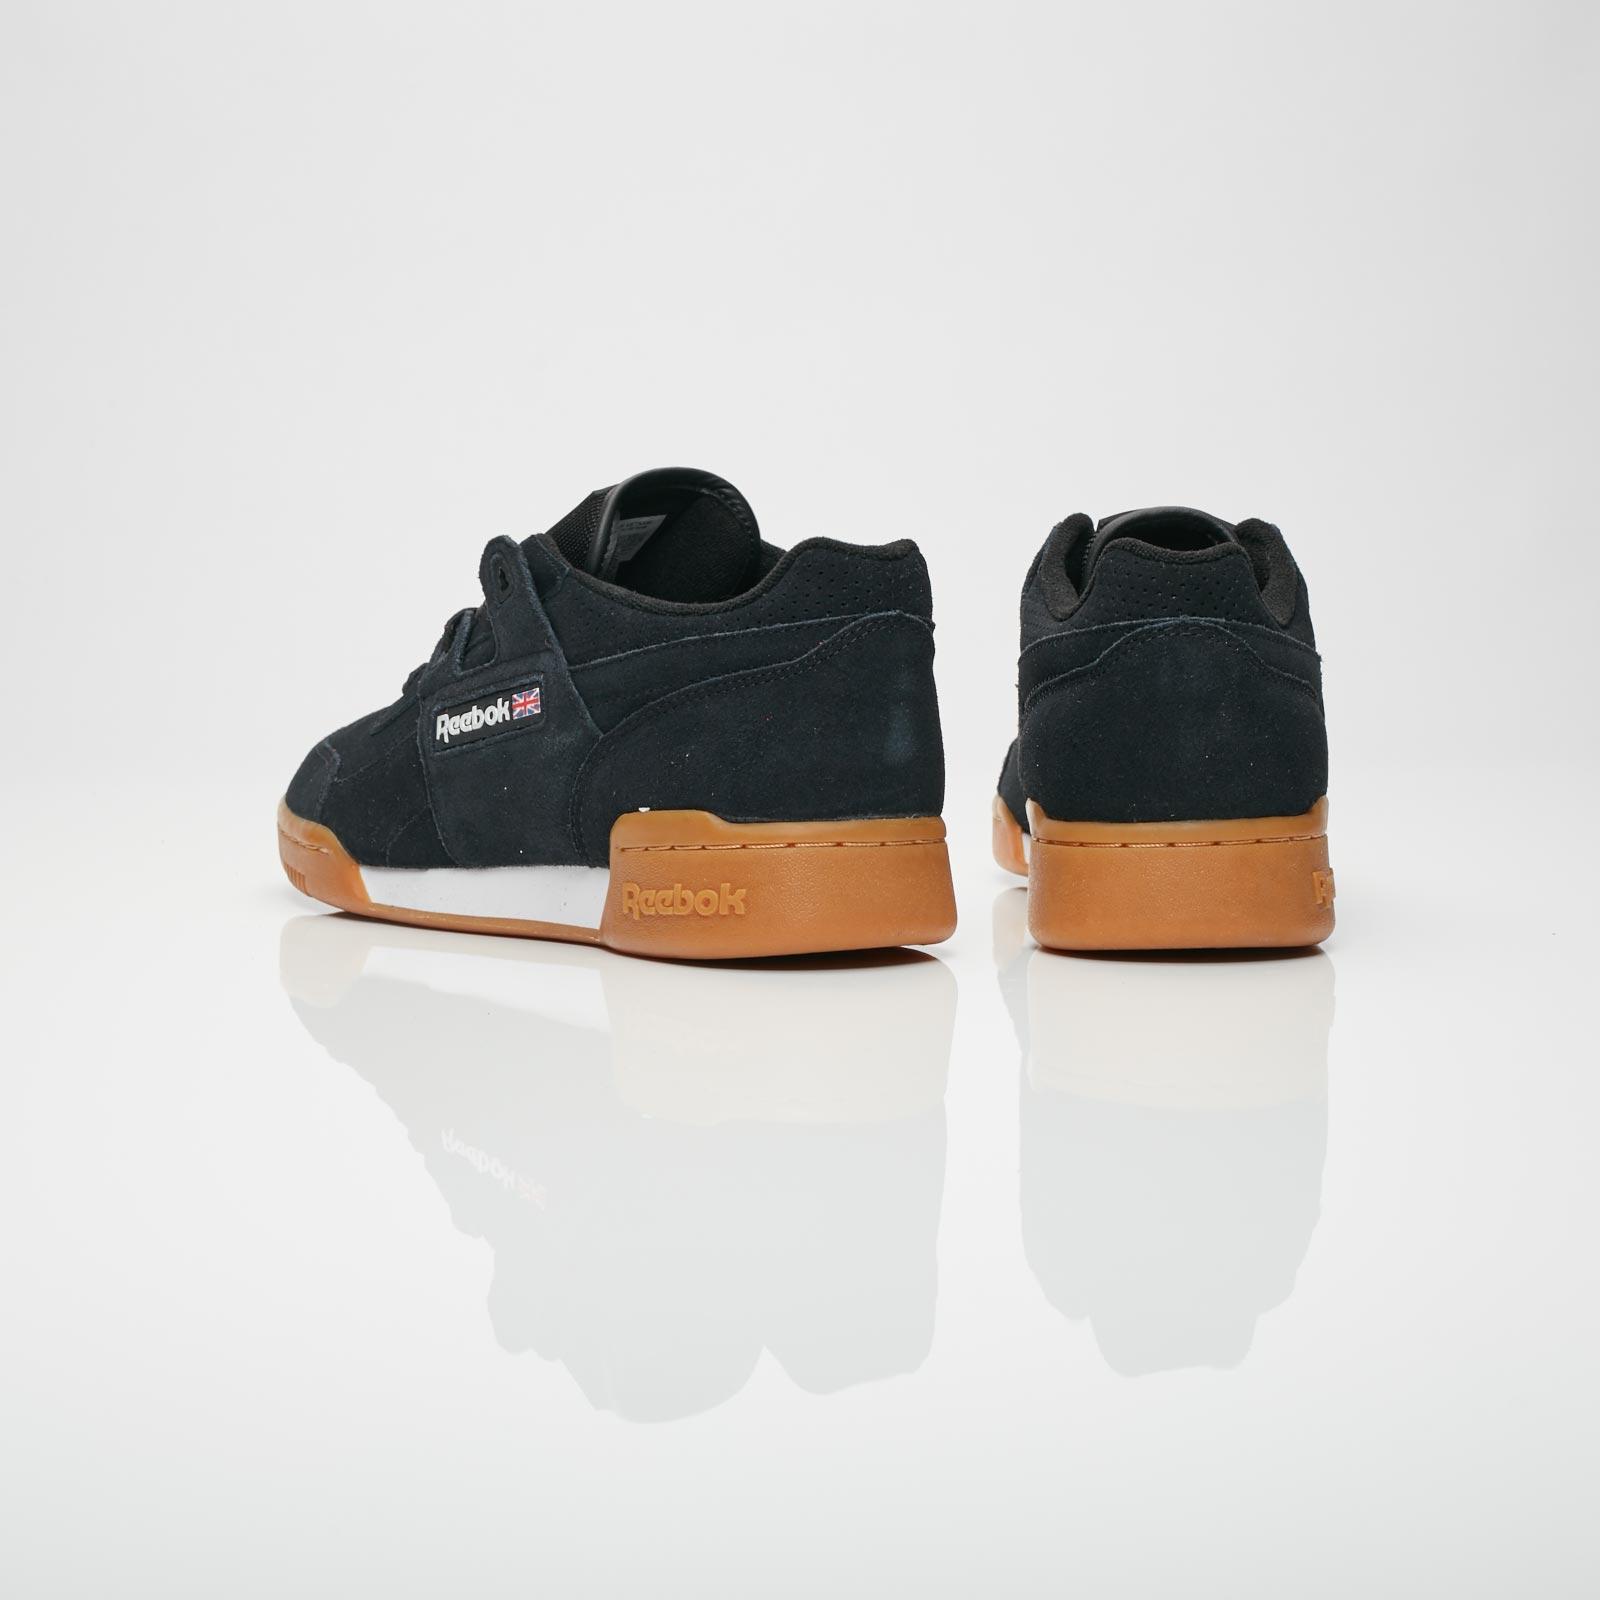 5cd7da41a5ece Reebok Workout Plus EG - Cn1050 - Sneakersnstuff